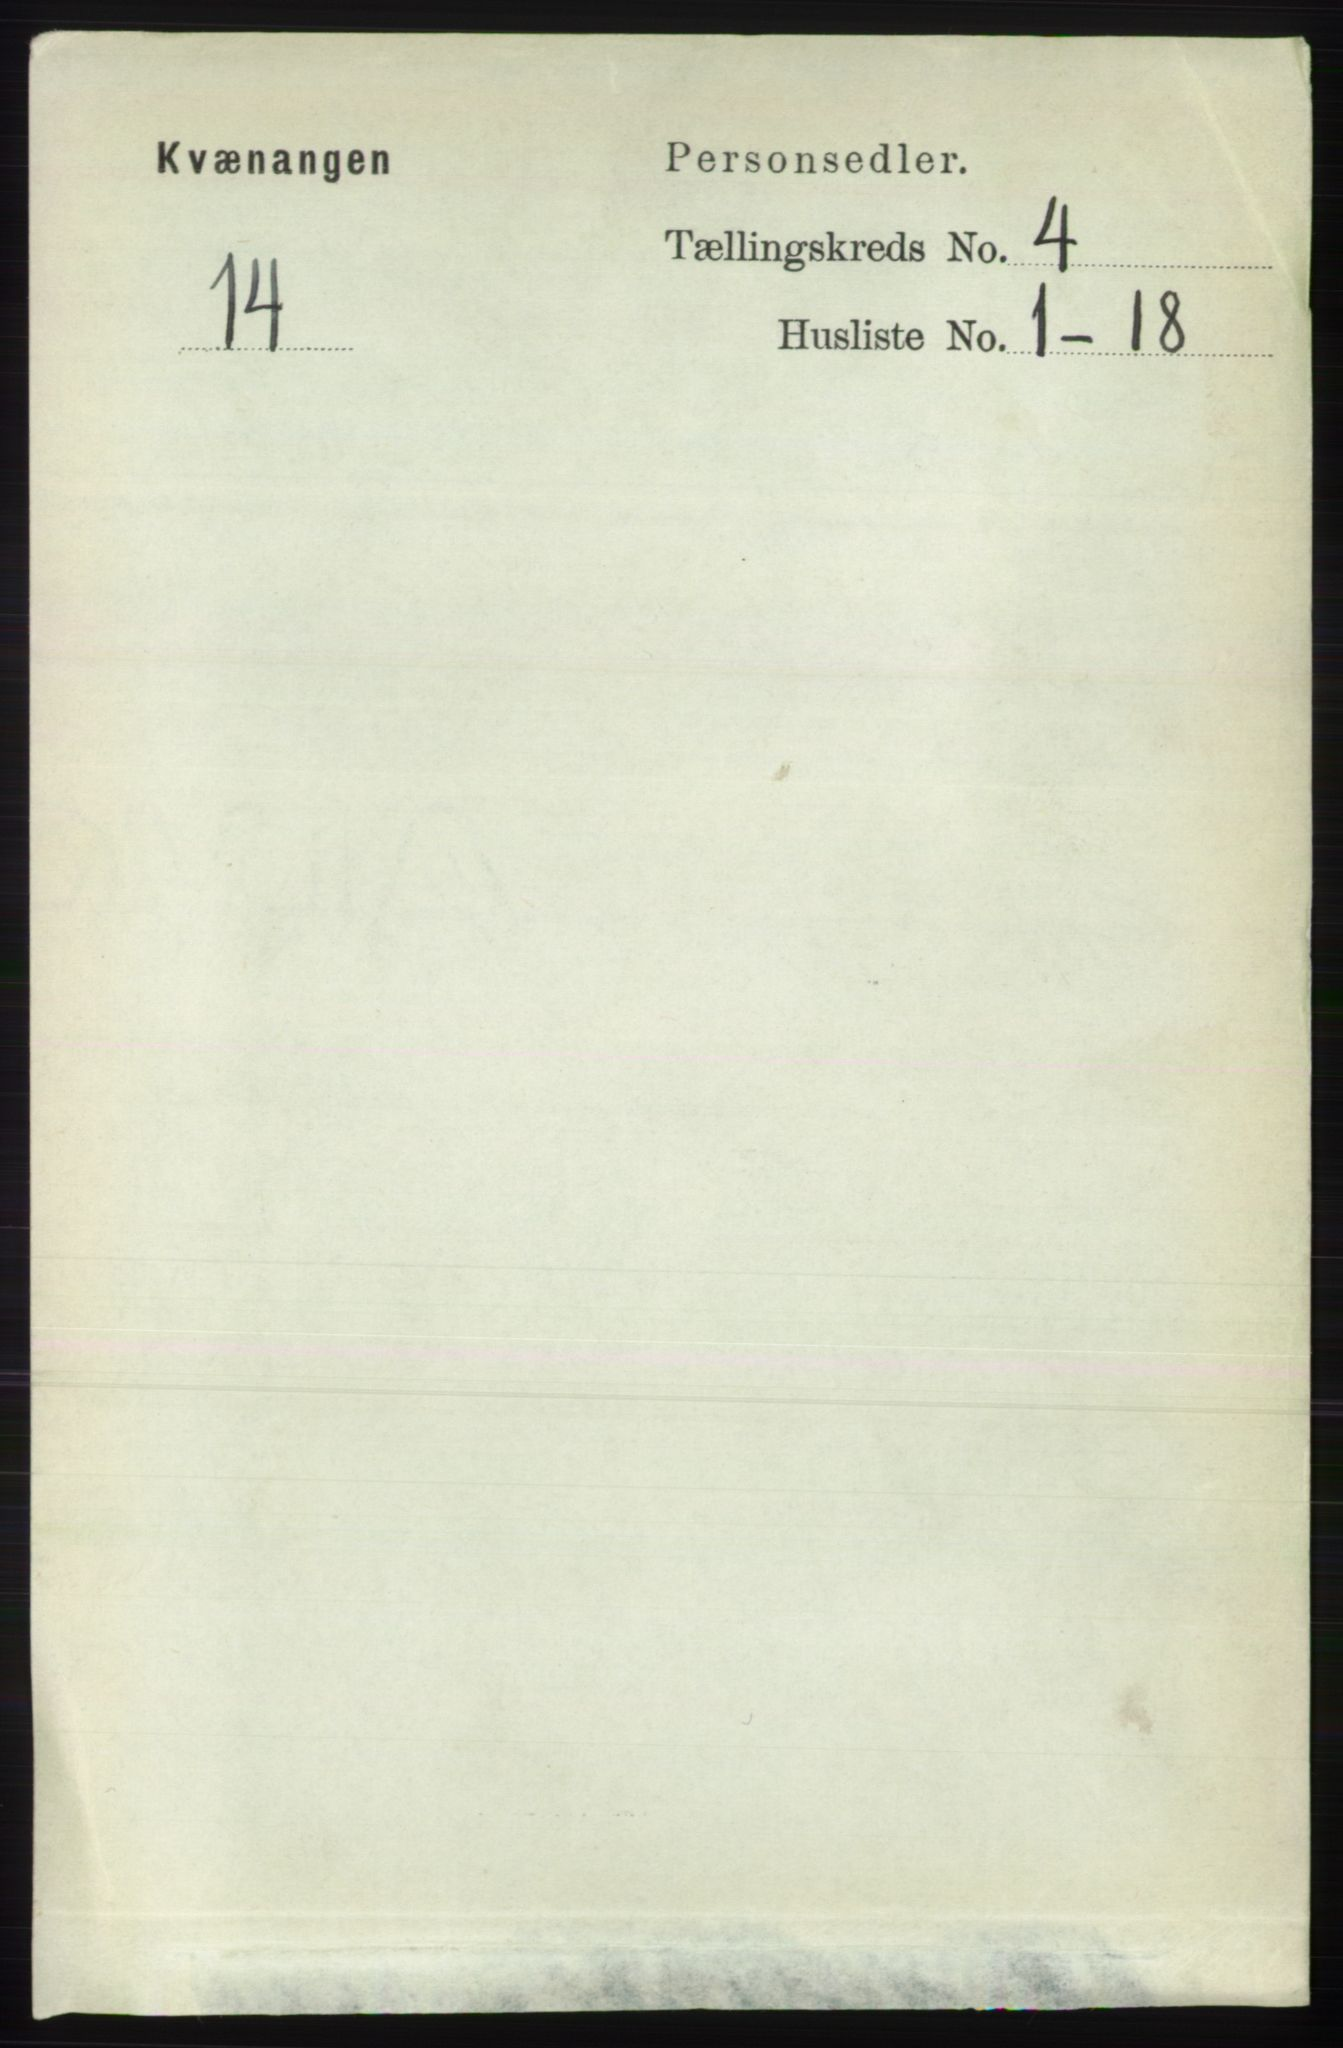 RA, Folketelling 1891 for 1943 Kvænangen herred, 1891, s. 1541